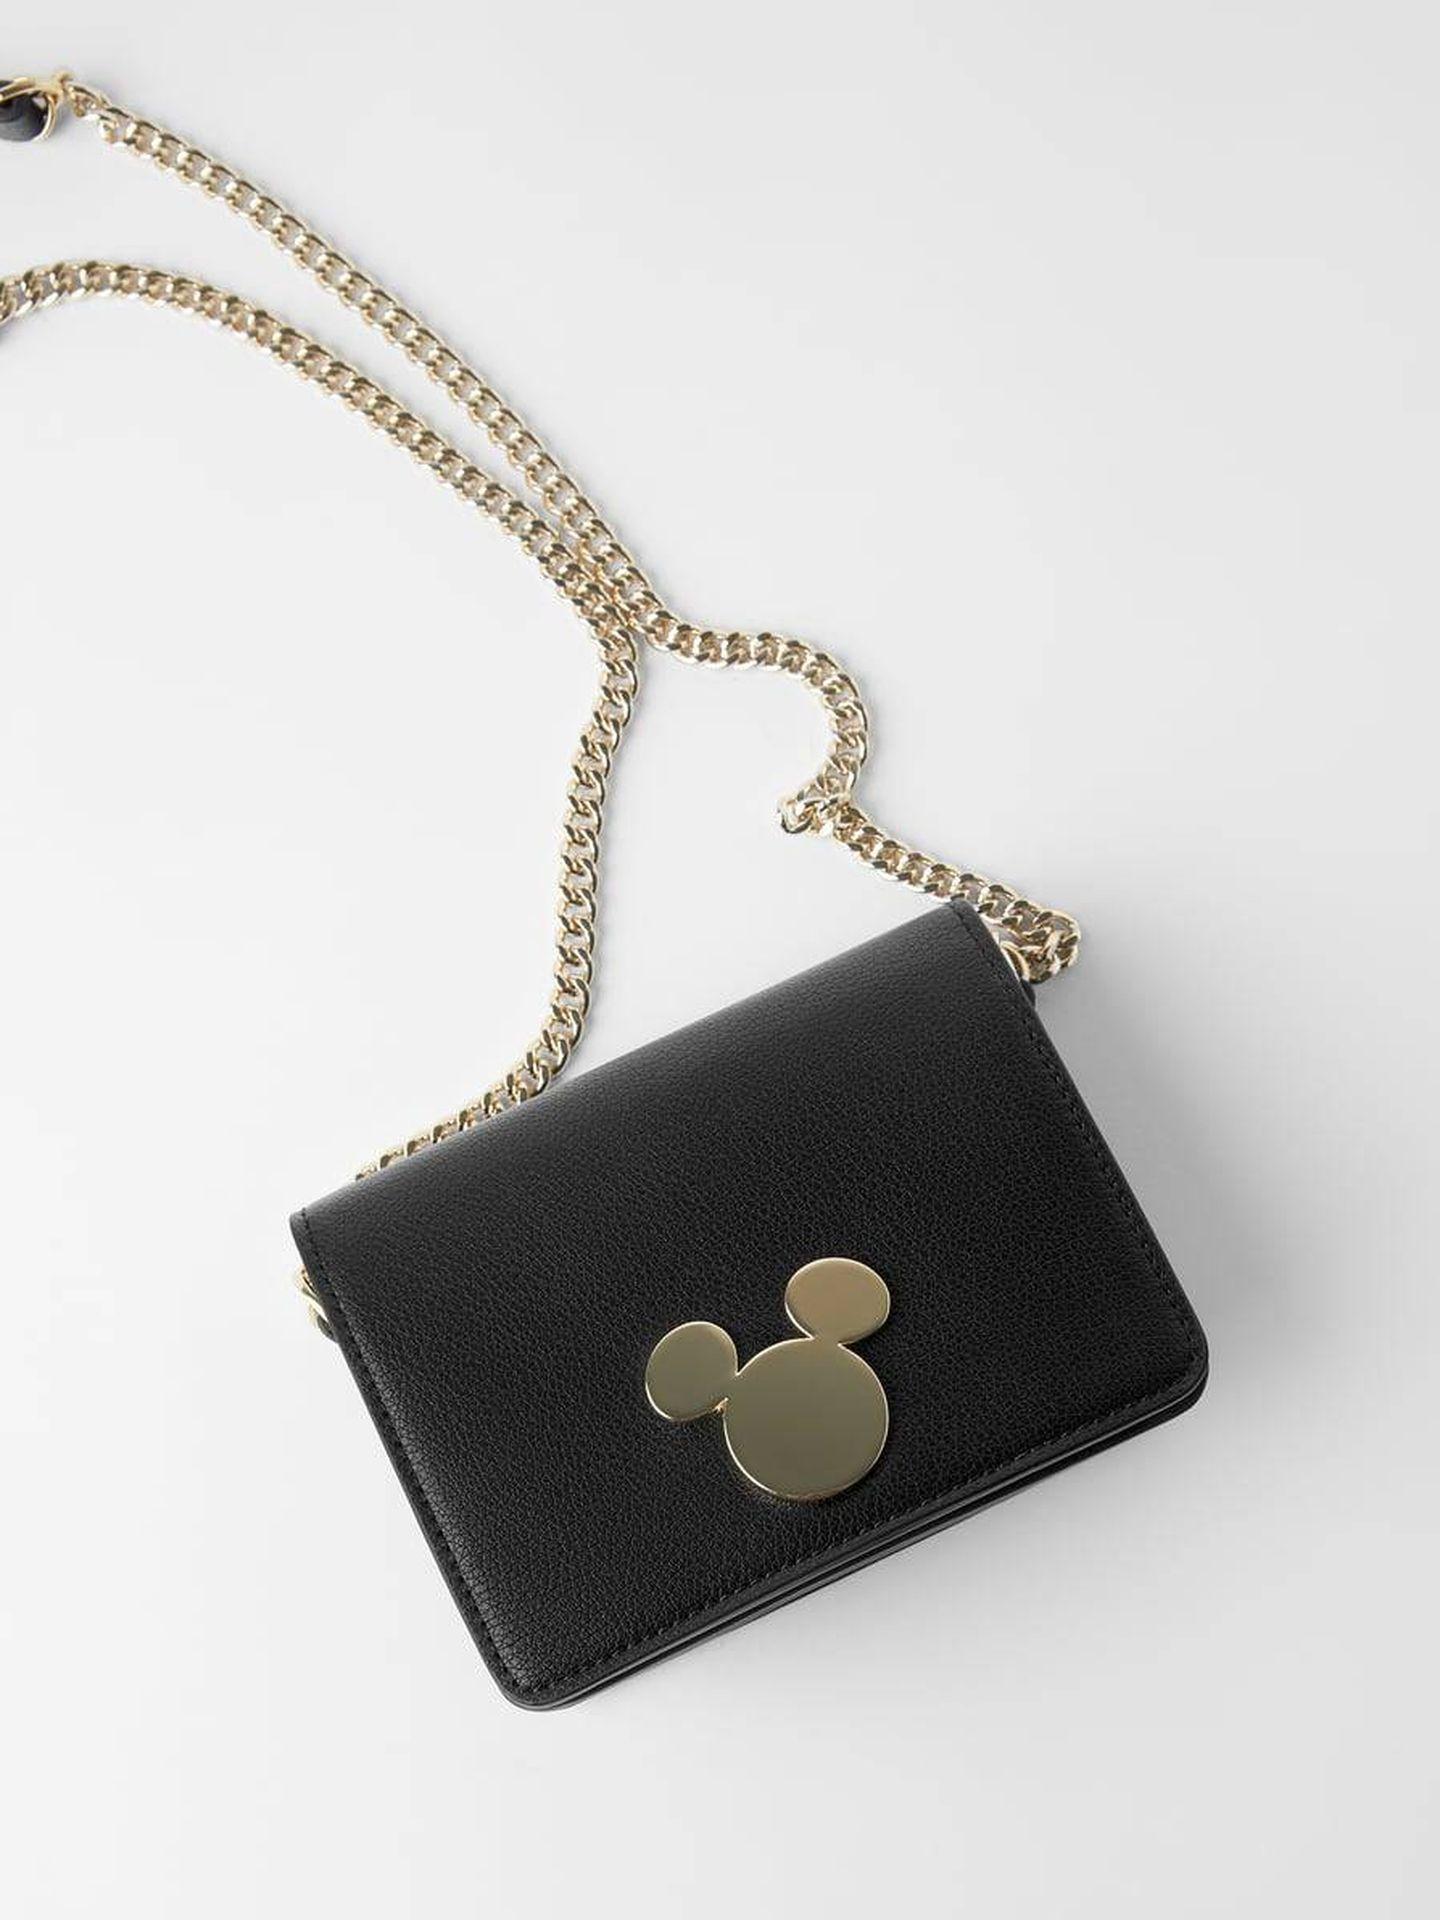 El bolso de Zara con la silueta de Mickey Mouse. (Cortesía)